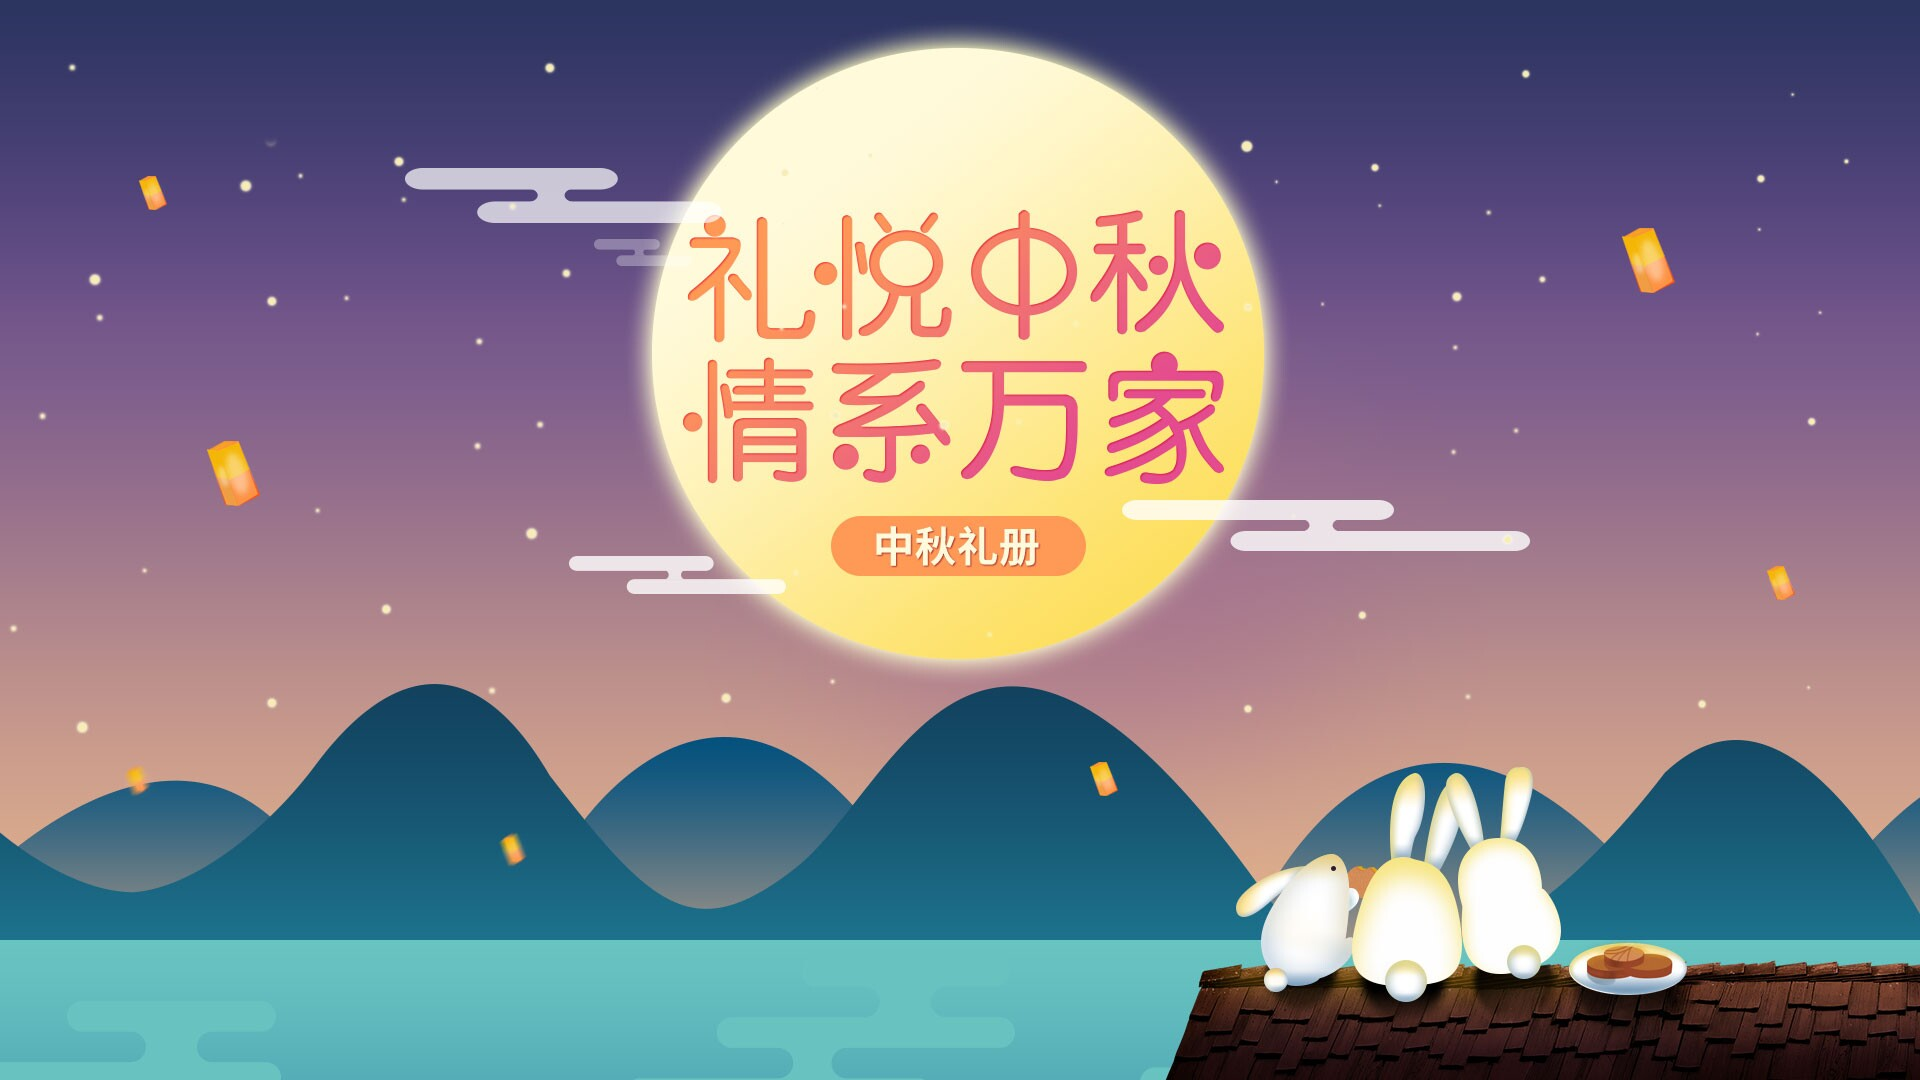 """今年的礼册以中秋特色美食""""月饼""""为造型,扉页""""一家团圆赏月""""手绘"""